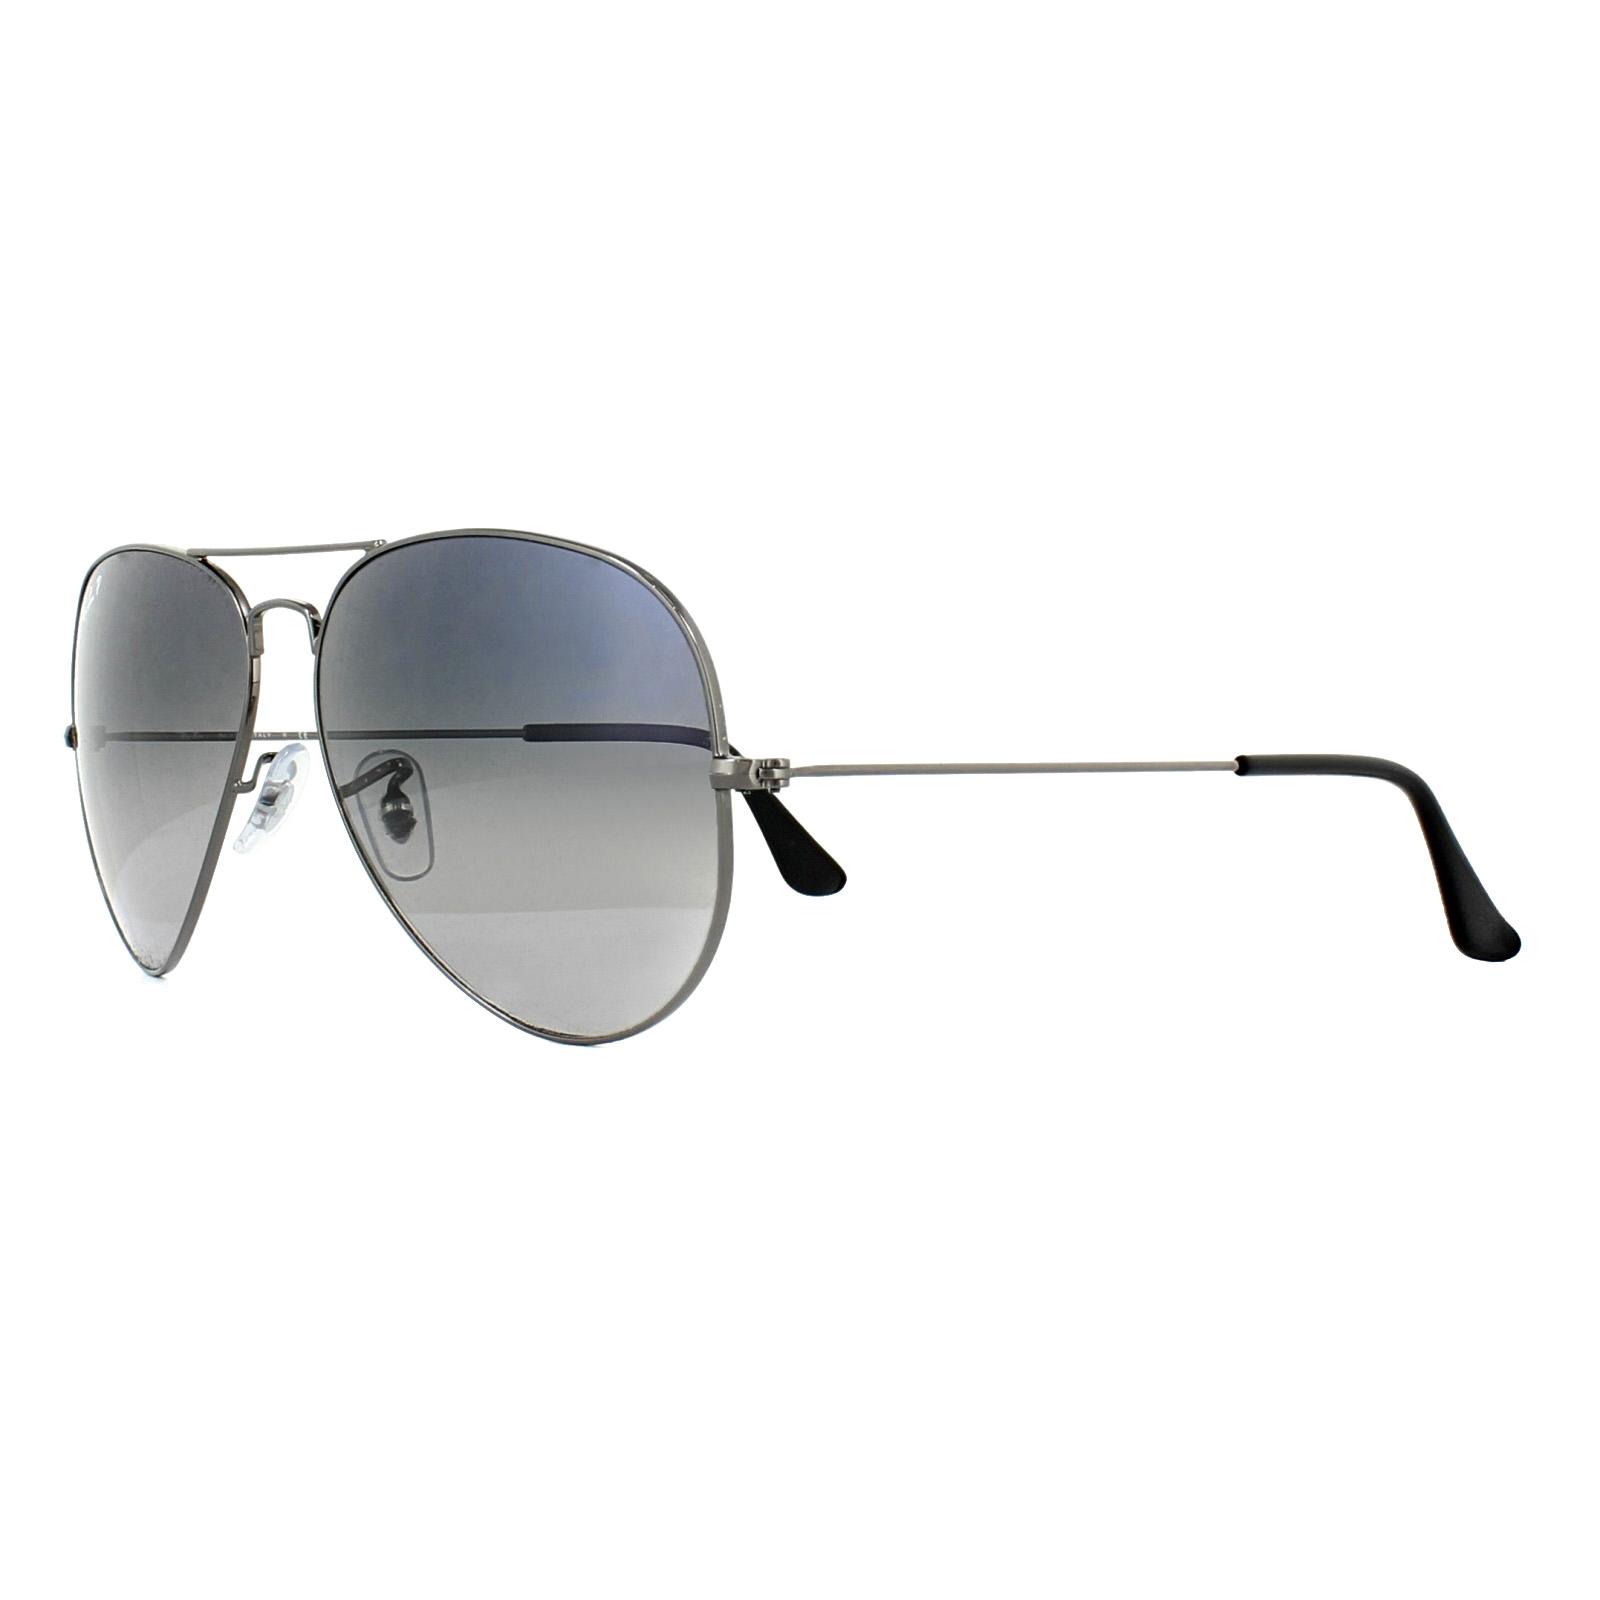 2f26a2772db8c CENTINELA Gafas de sol de Ray-Ban aviador 3025 Gunmetal polarizado azul  degradado gris 004